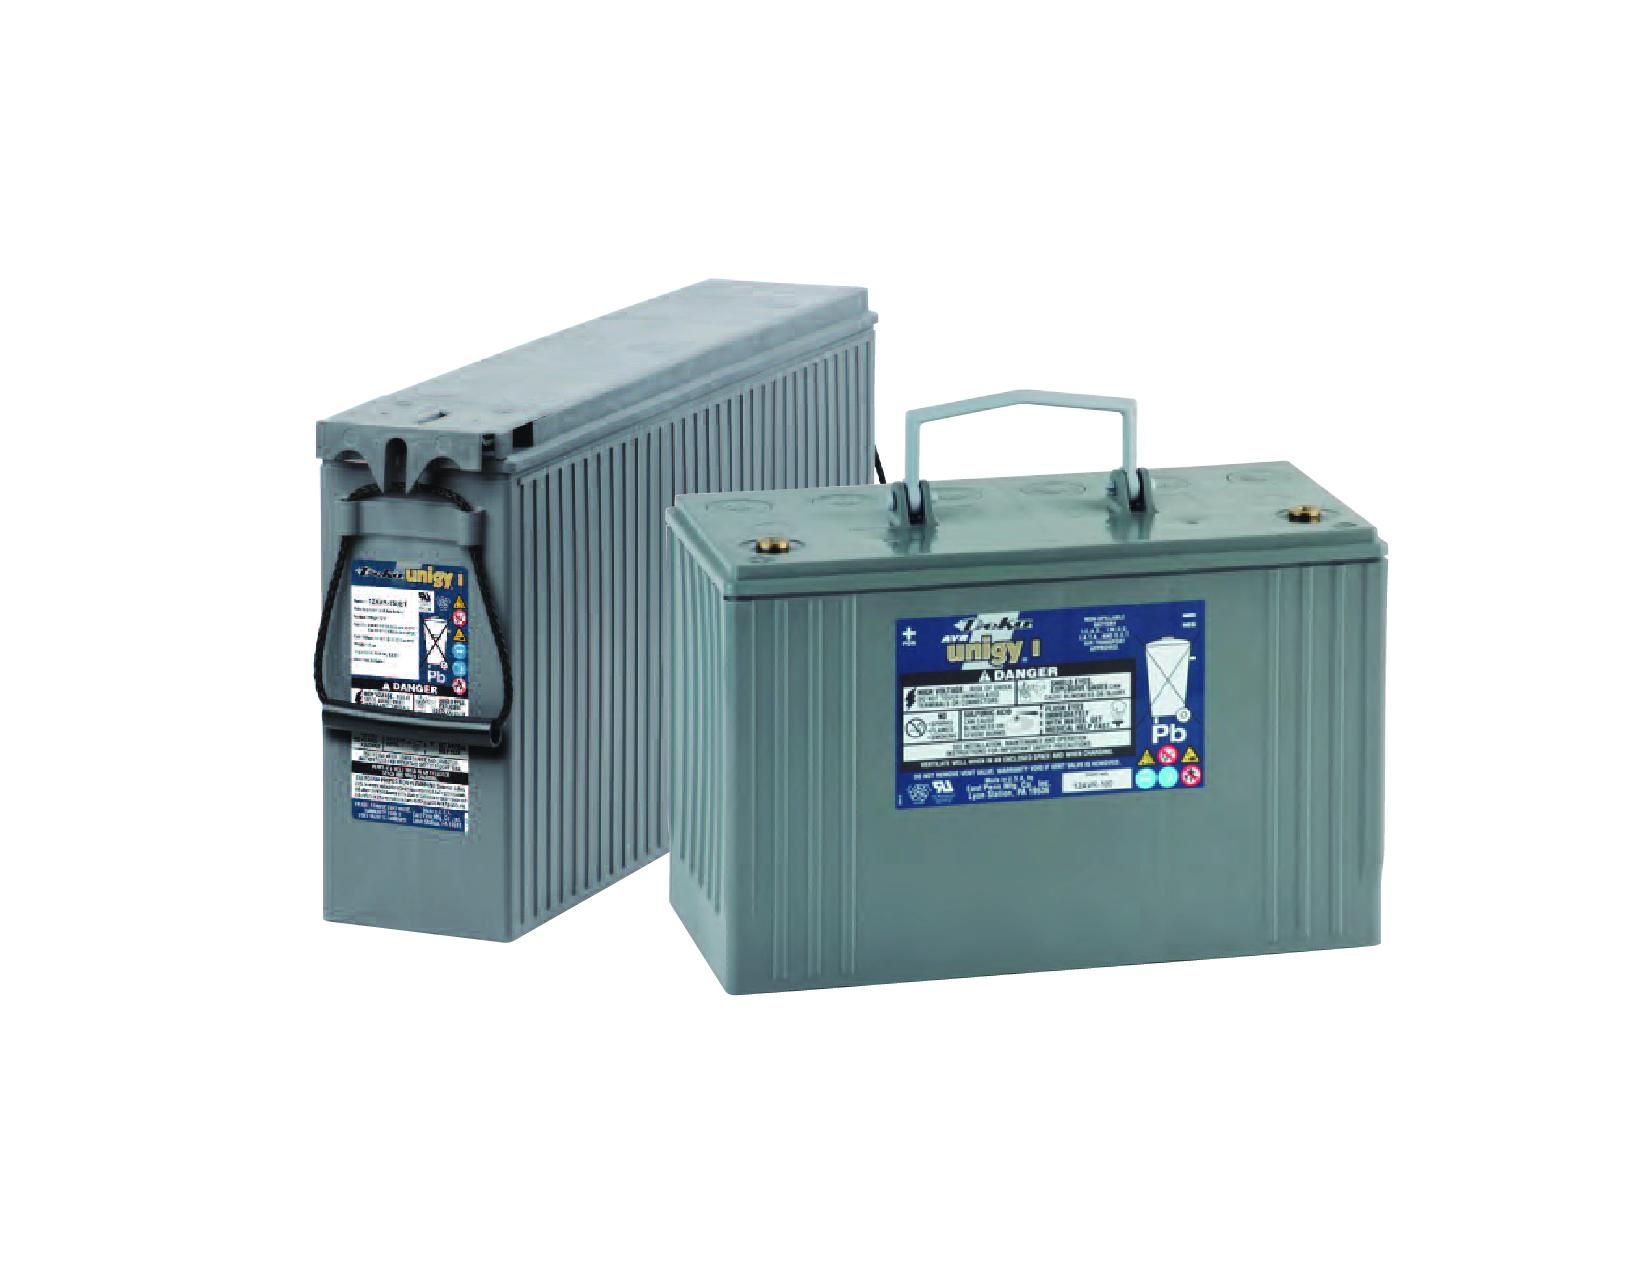 DEKA -  Baterías Estacionarias Industriales para UPS, Cargadores , Telecomunicaciones